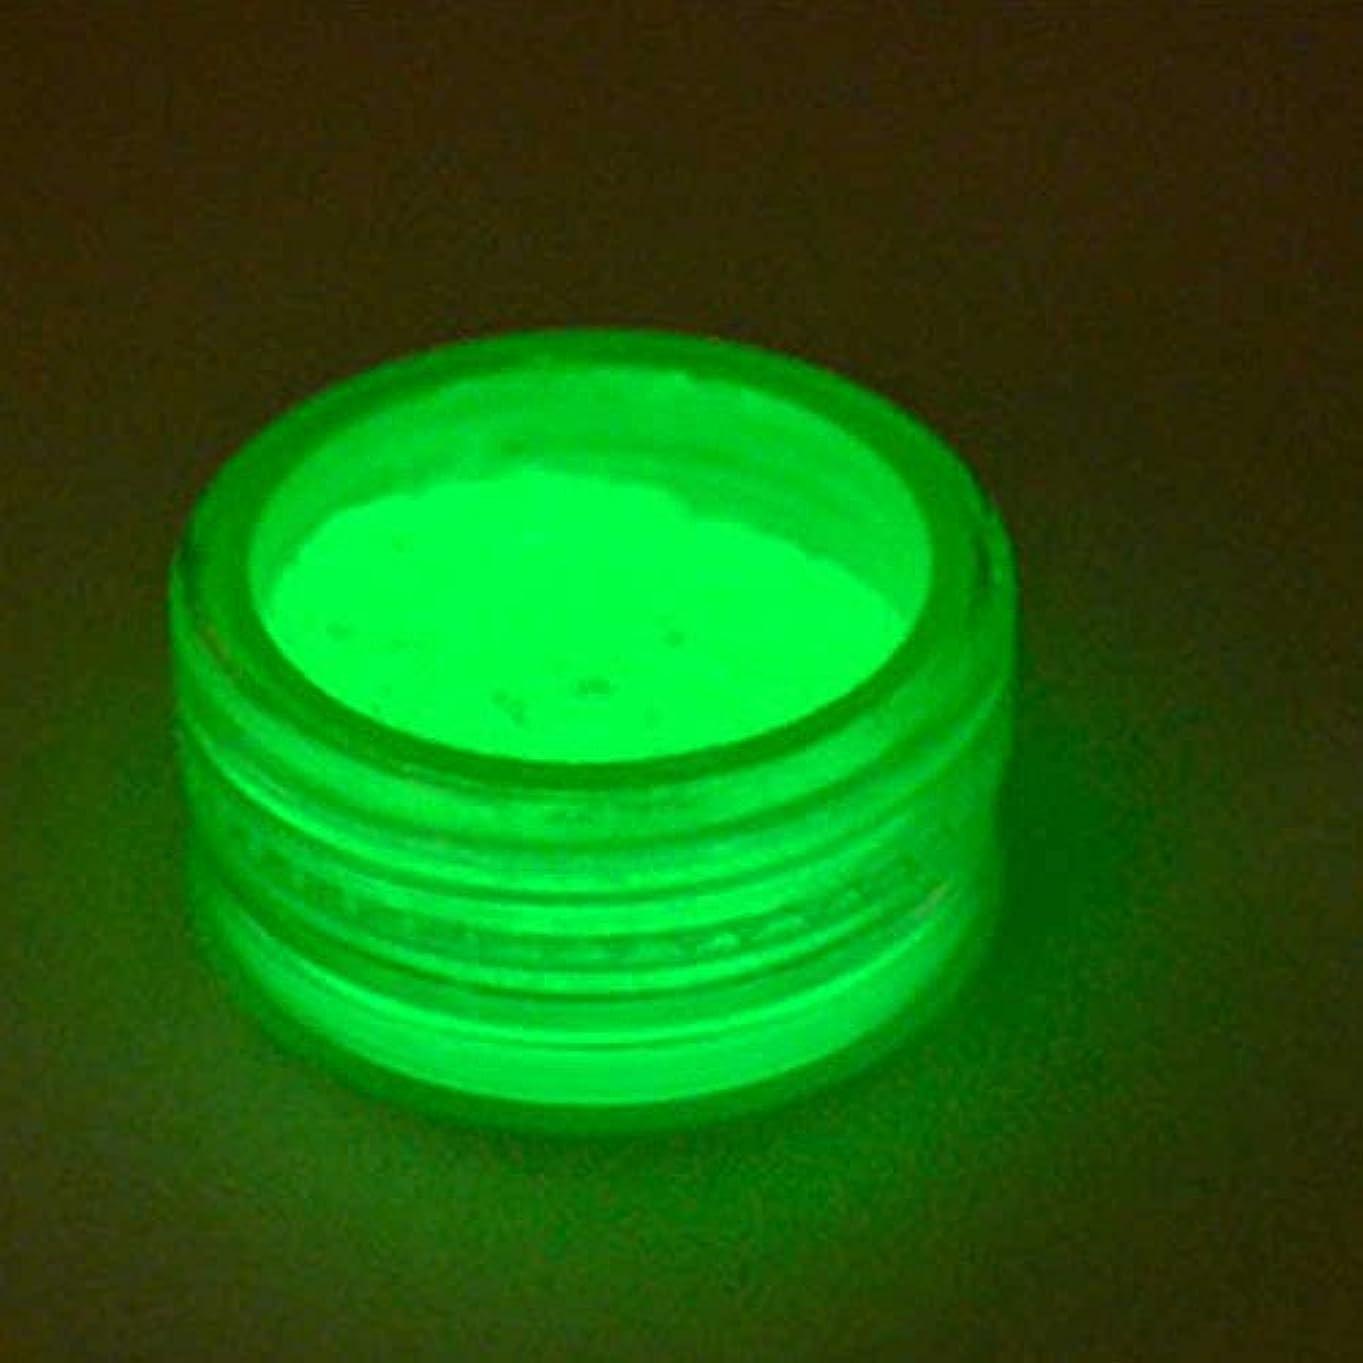 ヘビパドル無条件Timsa ネイルパウダー 暗闇で光る蓄光顔料 暗闇で光る 夜光塗料 蛍光顔料 ネイルオーロラ ネイルアート ネイルカラーレーザーマニキュアセット キラキラパウダー 不思議 デコ用 ケース入り 10色選択 (E)